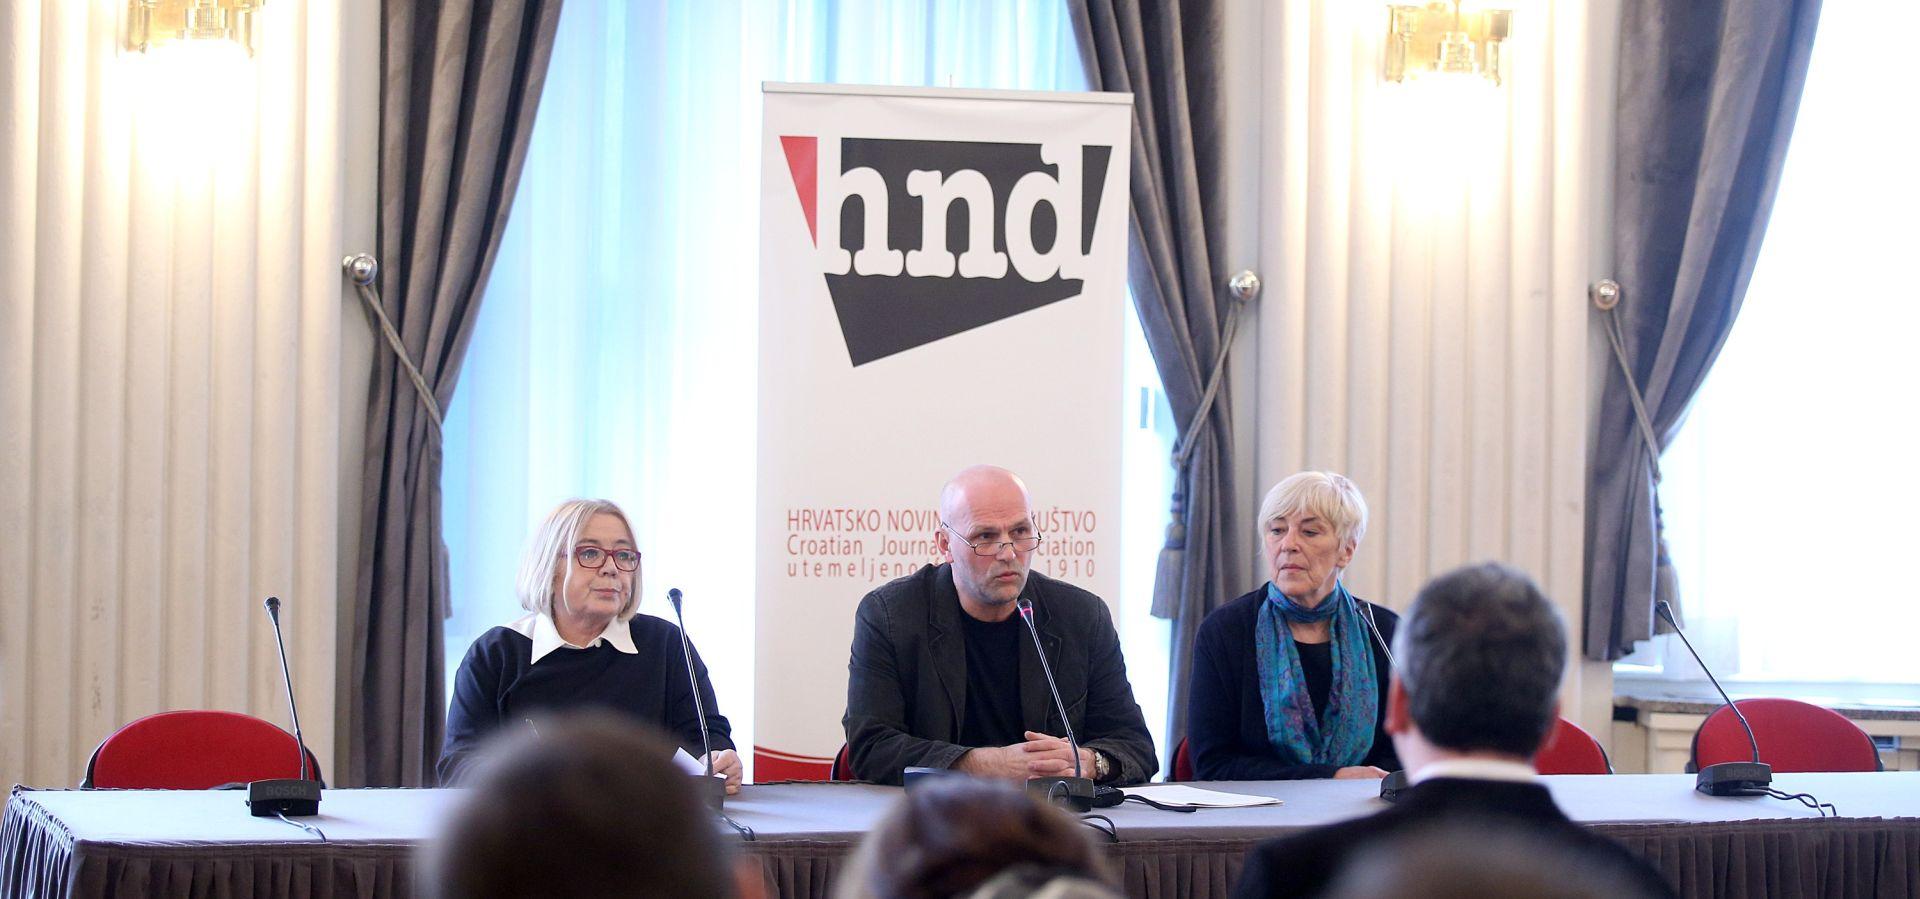 HND: Novinari moraju moći slobodno govoriti i biti adekvatno plaćeni